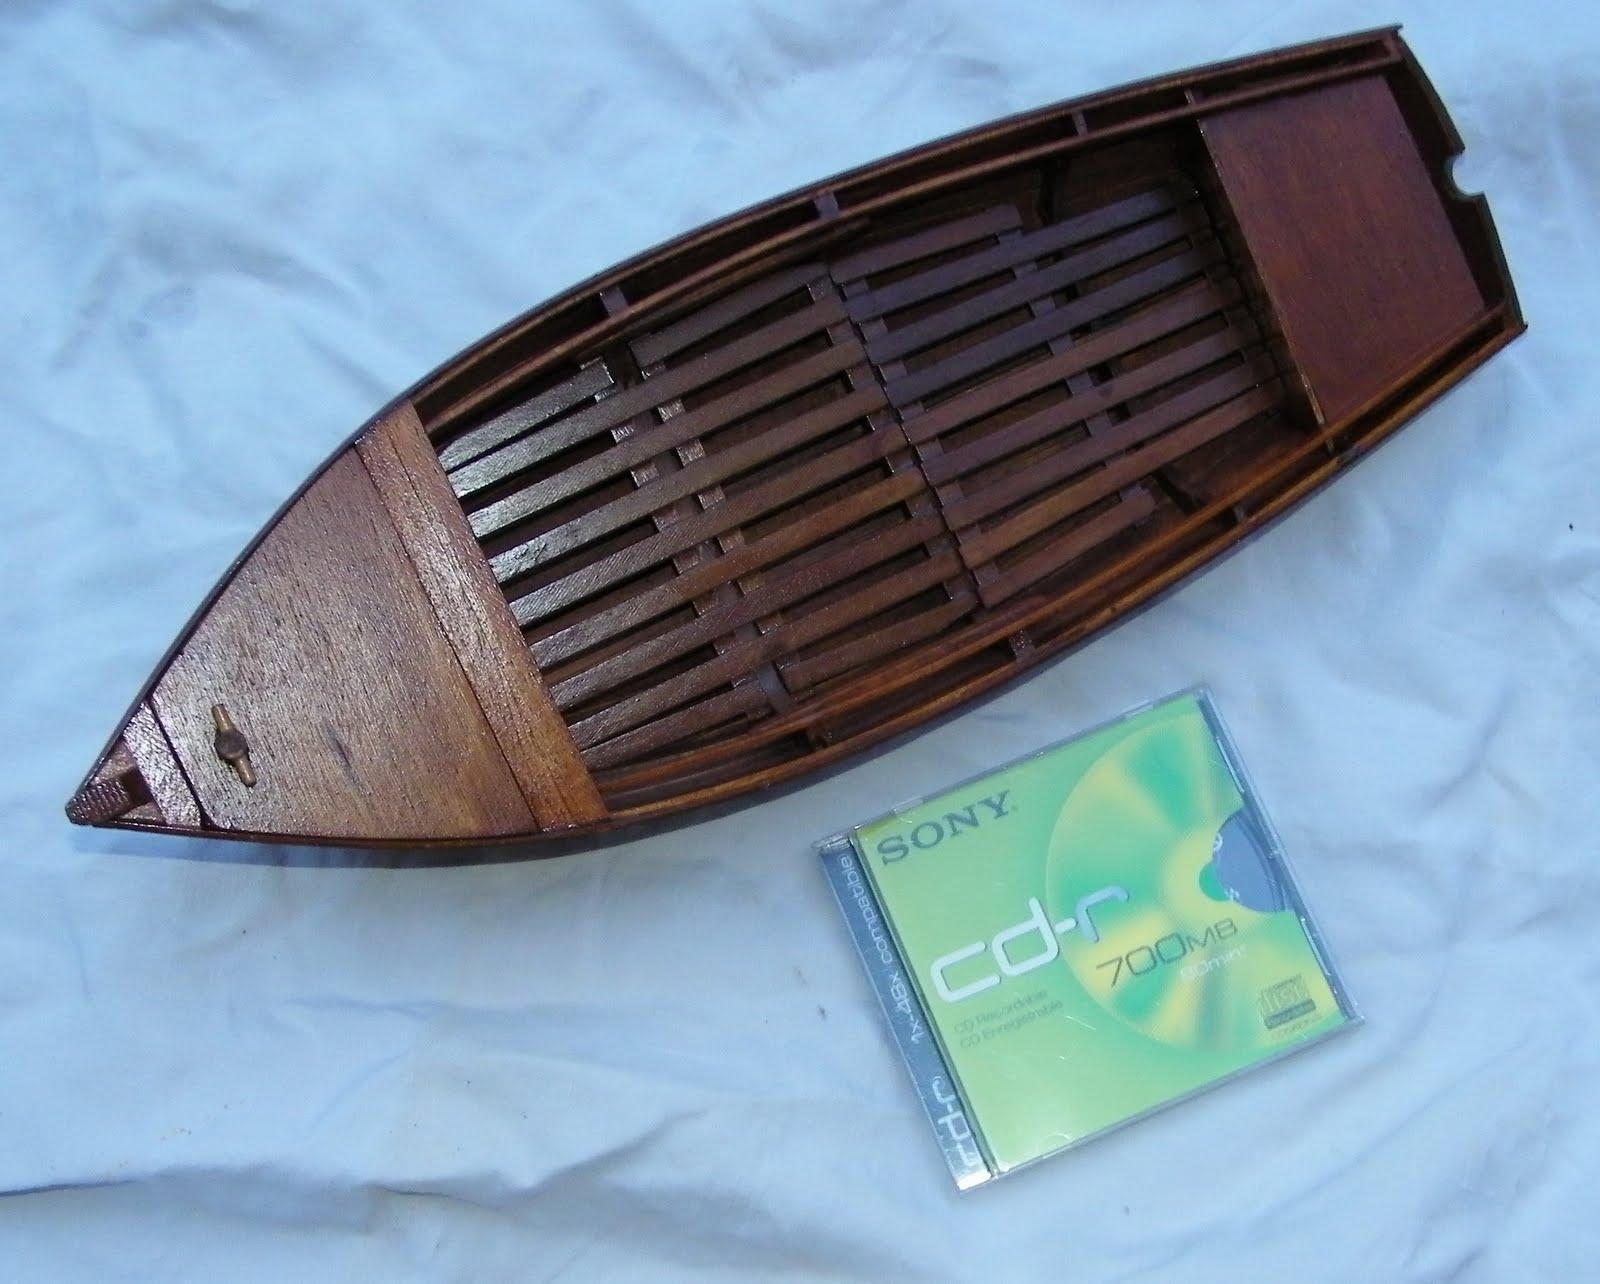 quinze marins sur le bahut du mort maquette canot breton vendu. Black Bedroom Furniture Sets. Home Design Ideas